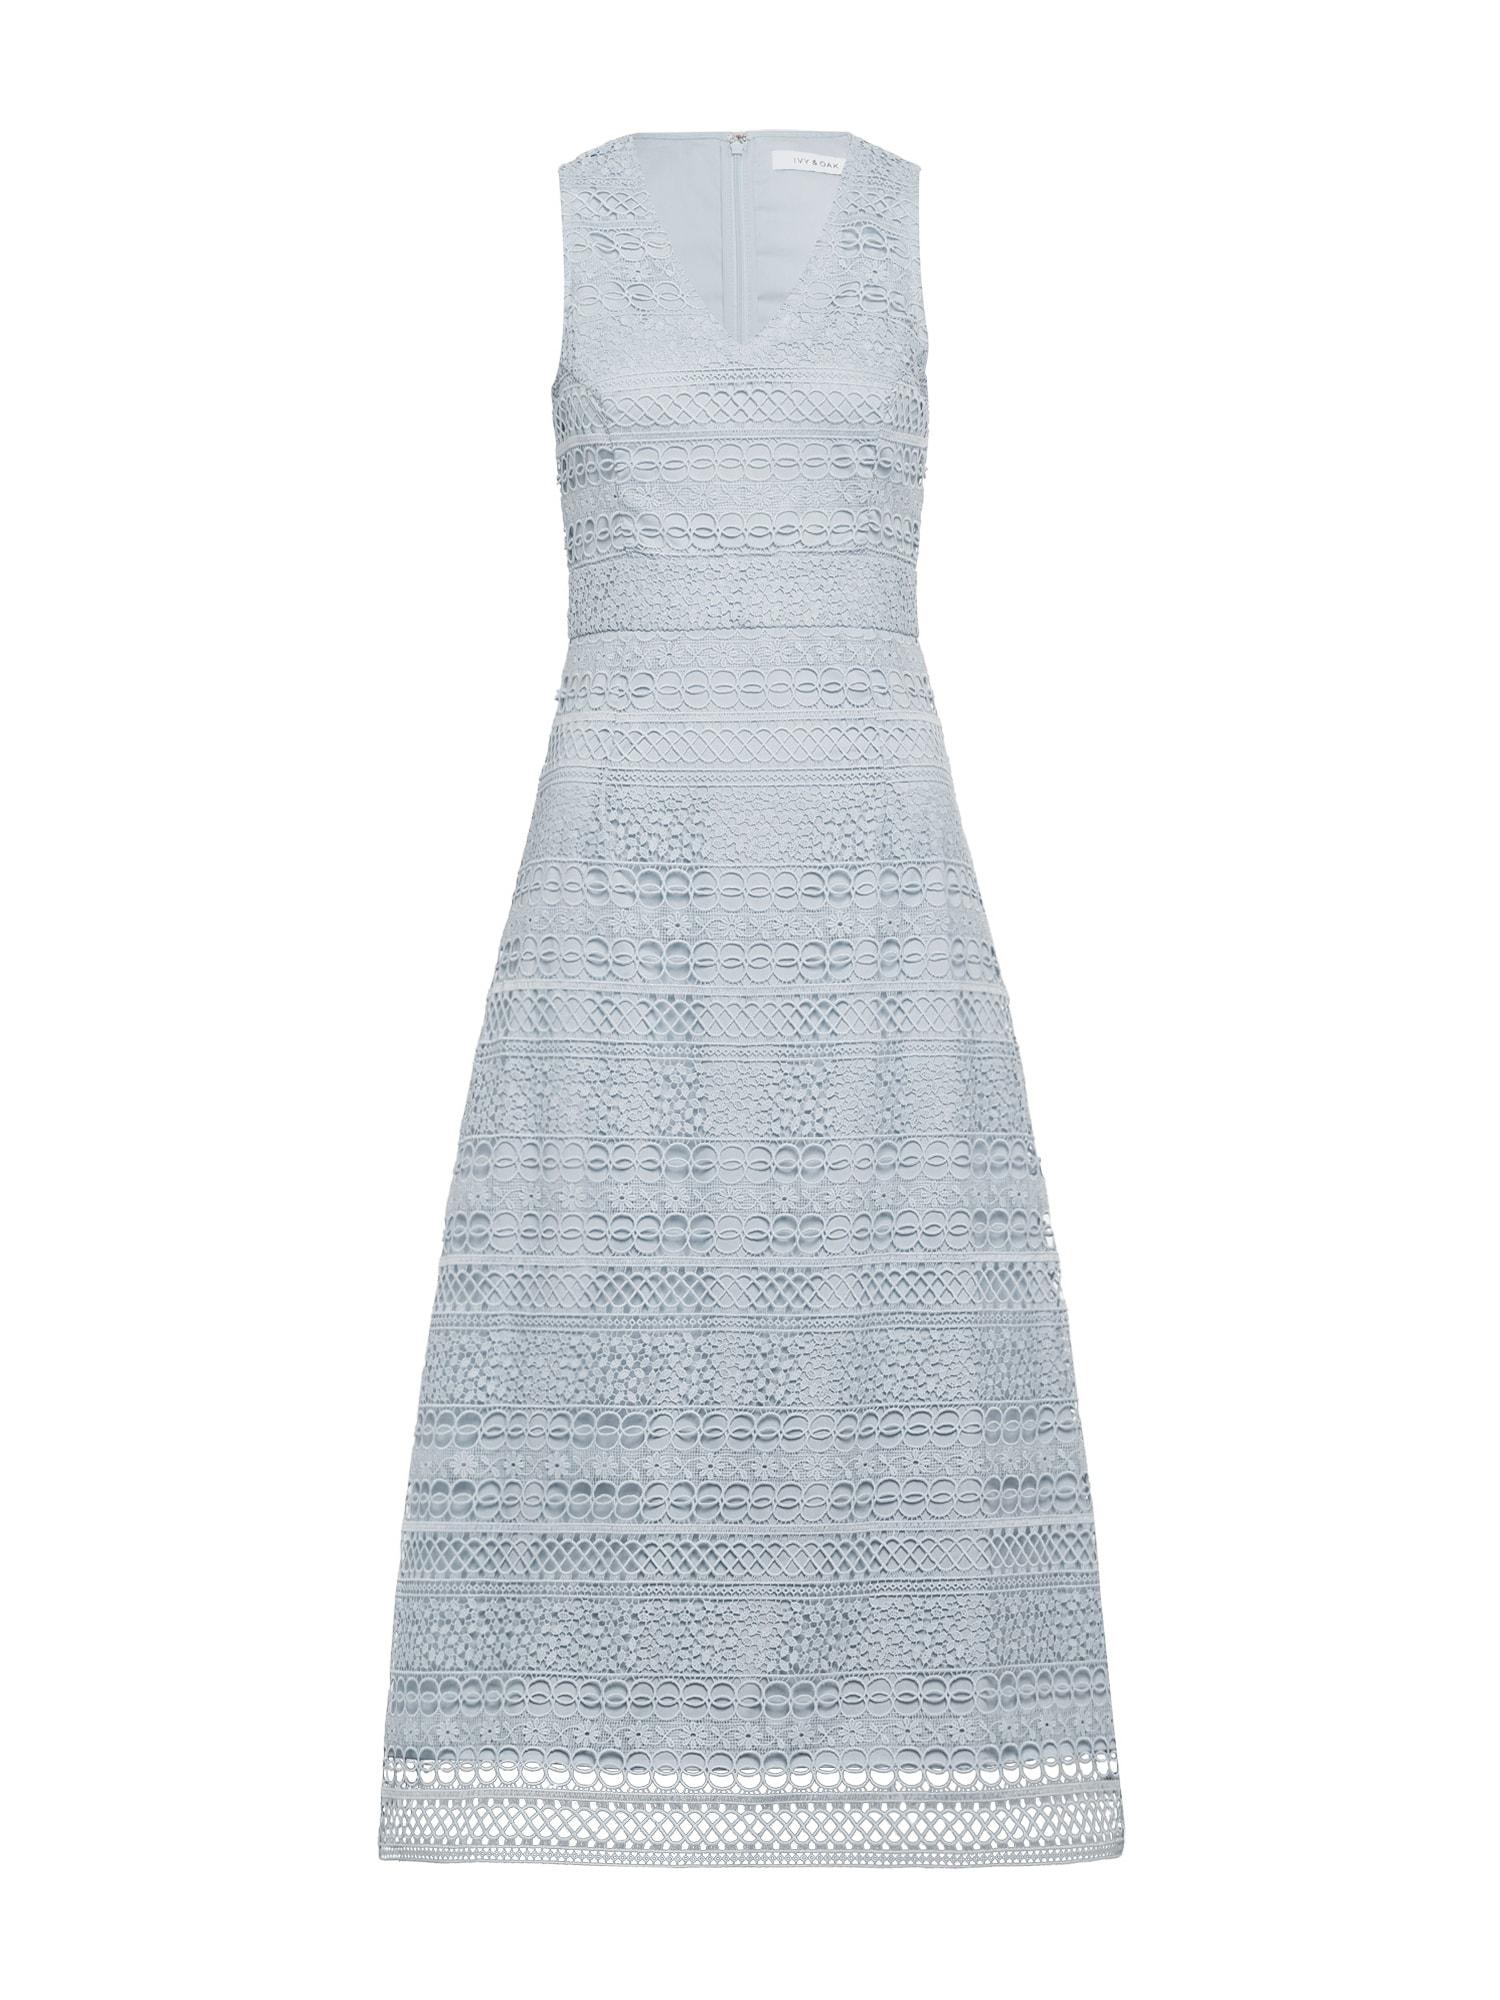 Koktejlové šaty Graphic Lace Dress modrá IVY & OAK